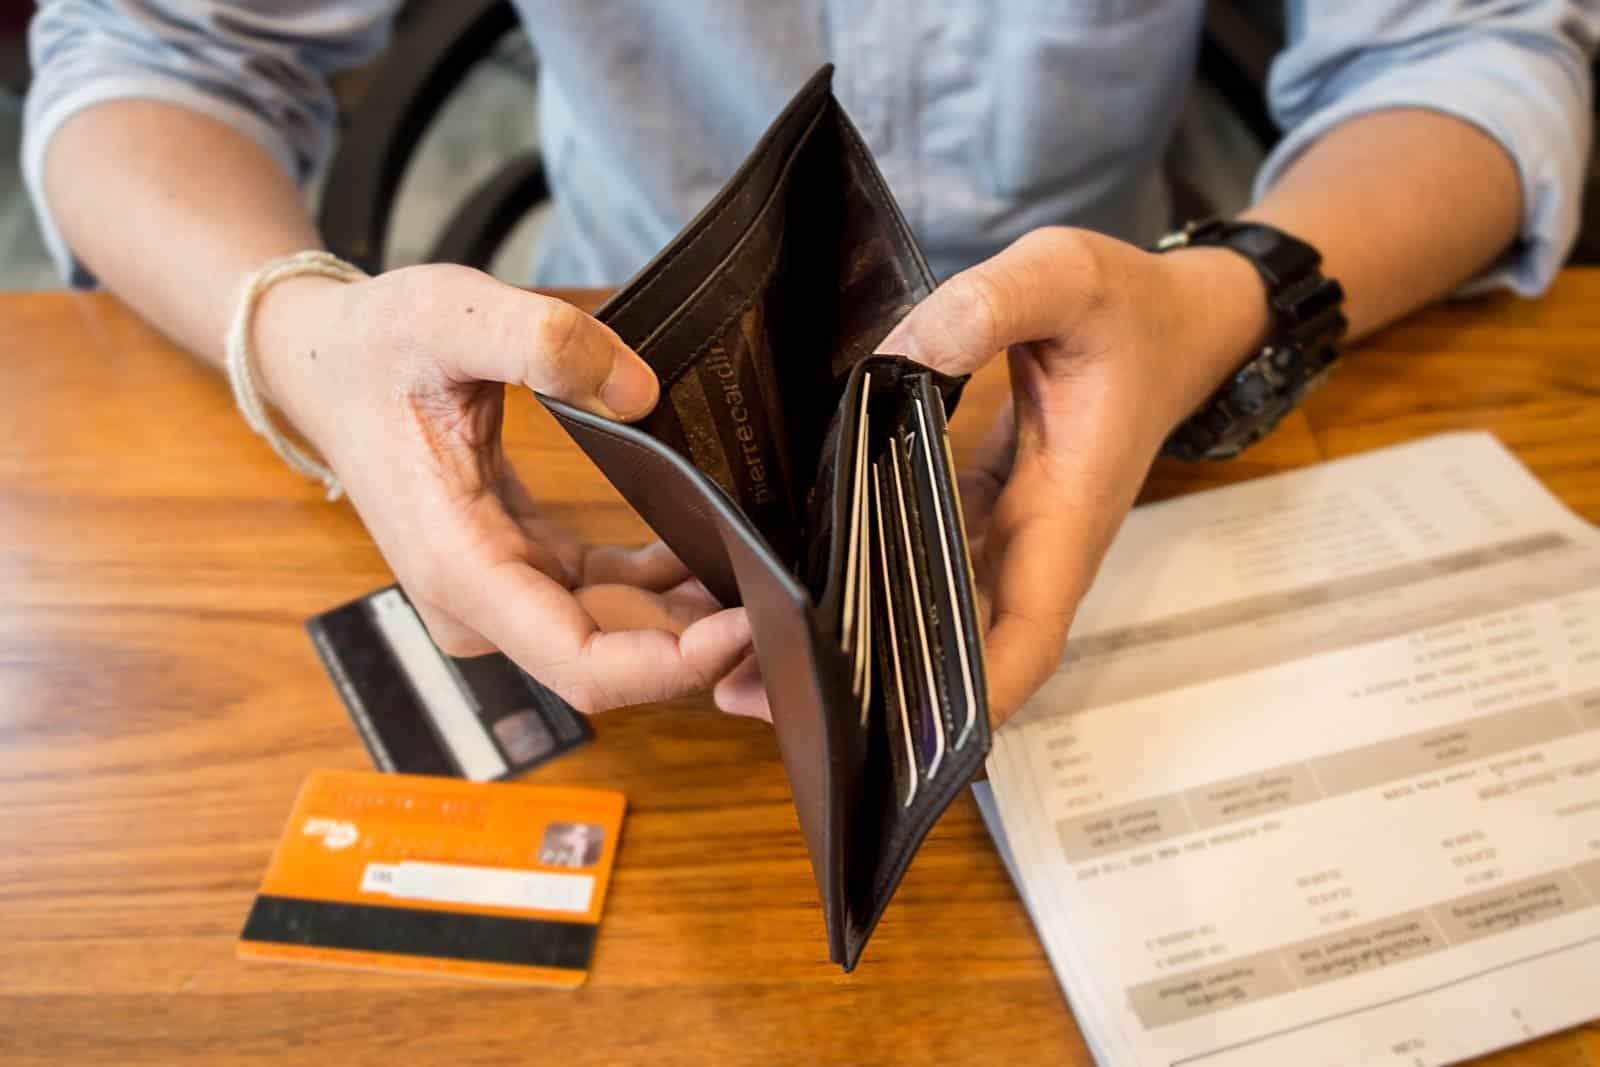 Brzi kredit za zatvaranje blokade bez ovjere u firmi